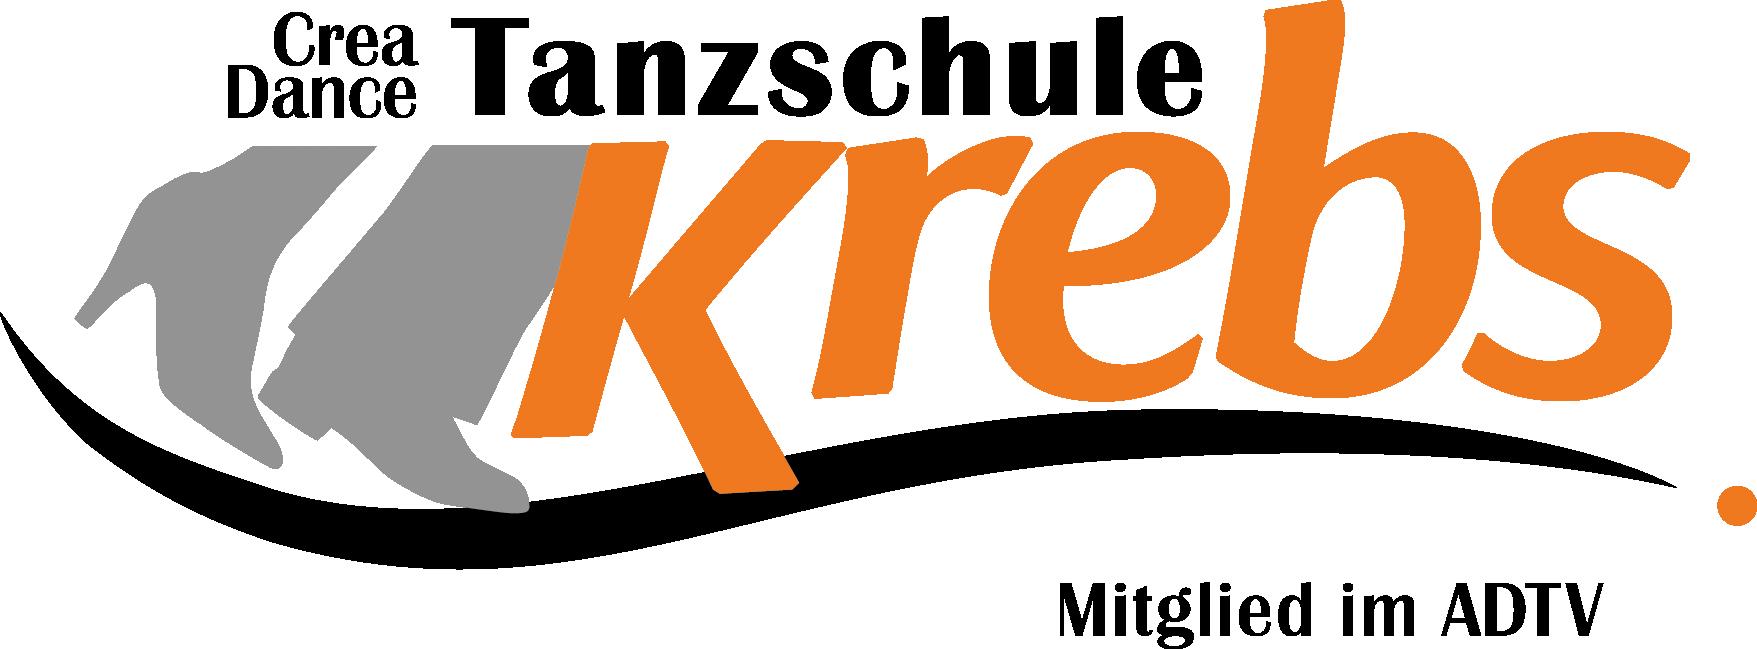 TSKrebs_logo_rgb.png